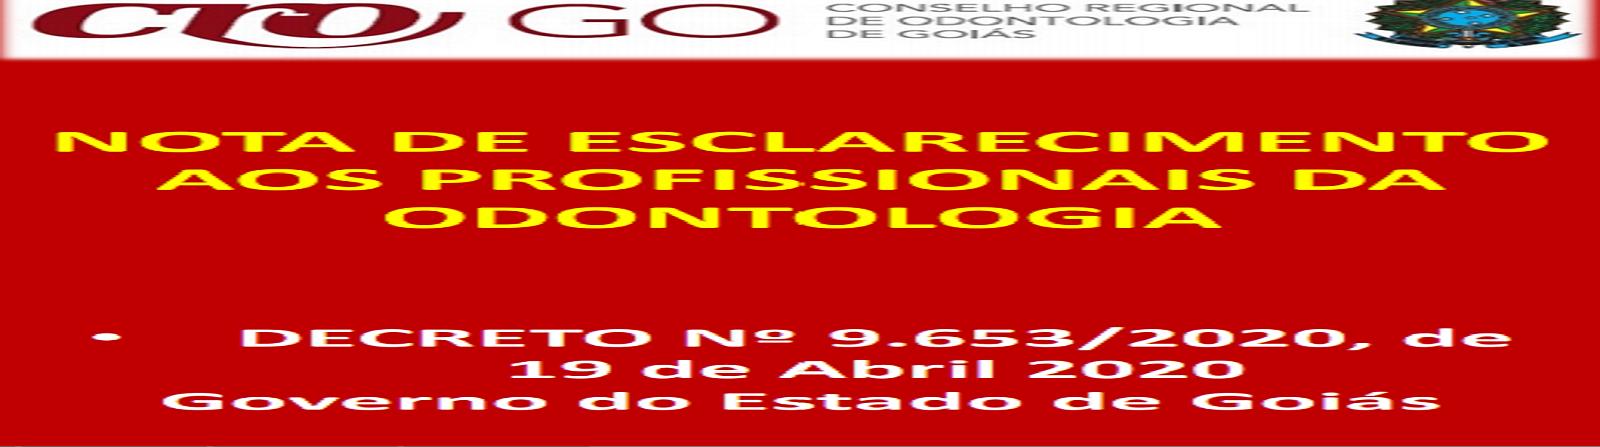 Nota_de_Esclarecimento_p1_-_1600_x_447